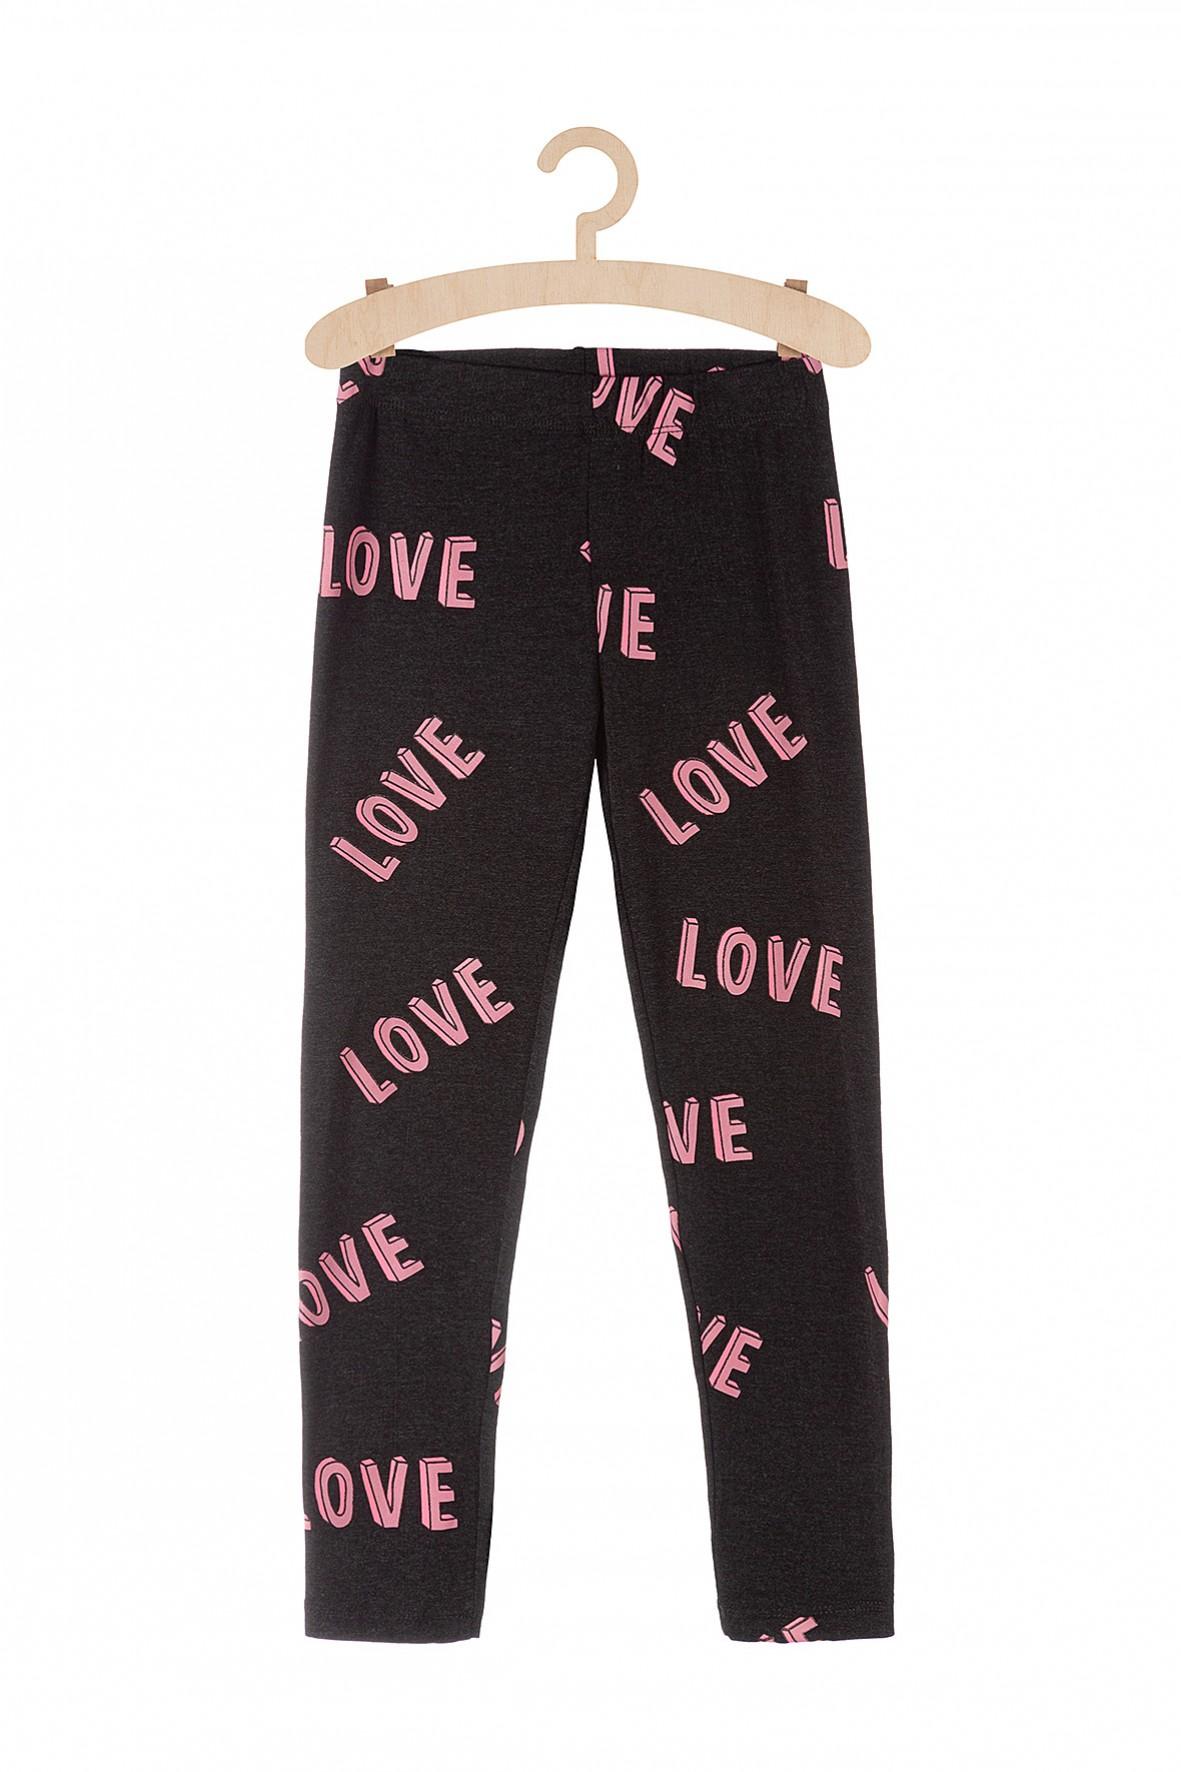 Leginsy dziewczęce z napisem Love